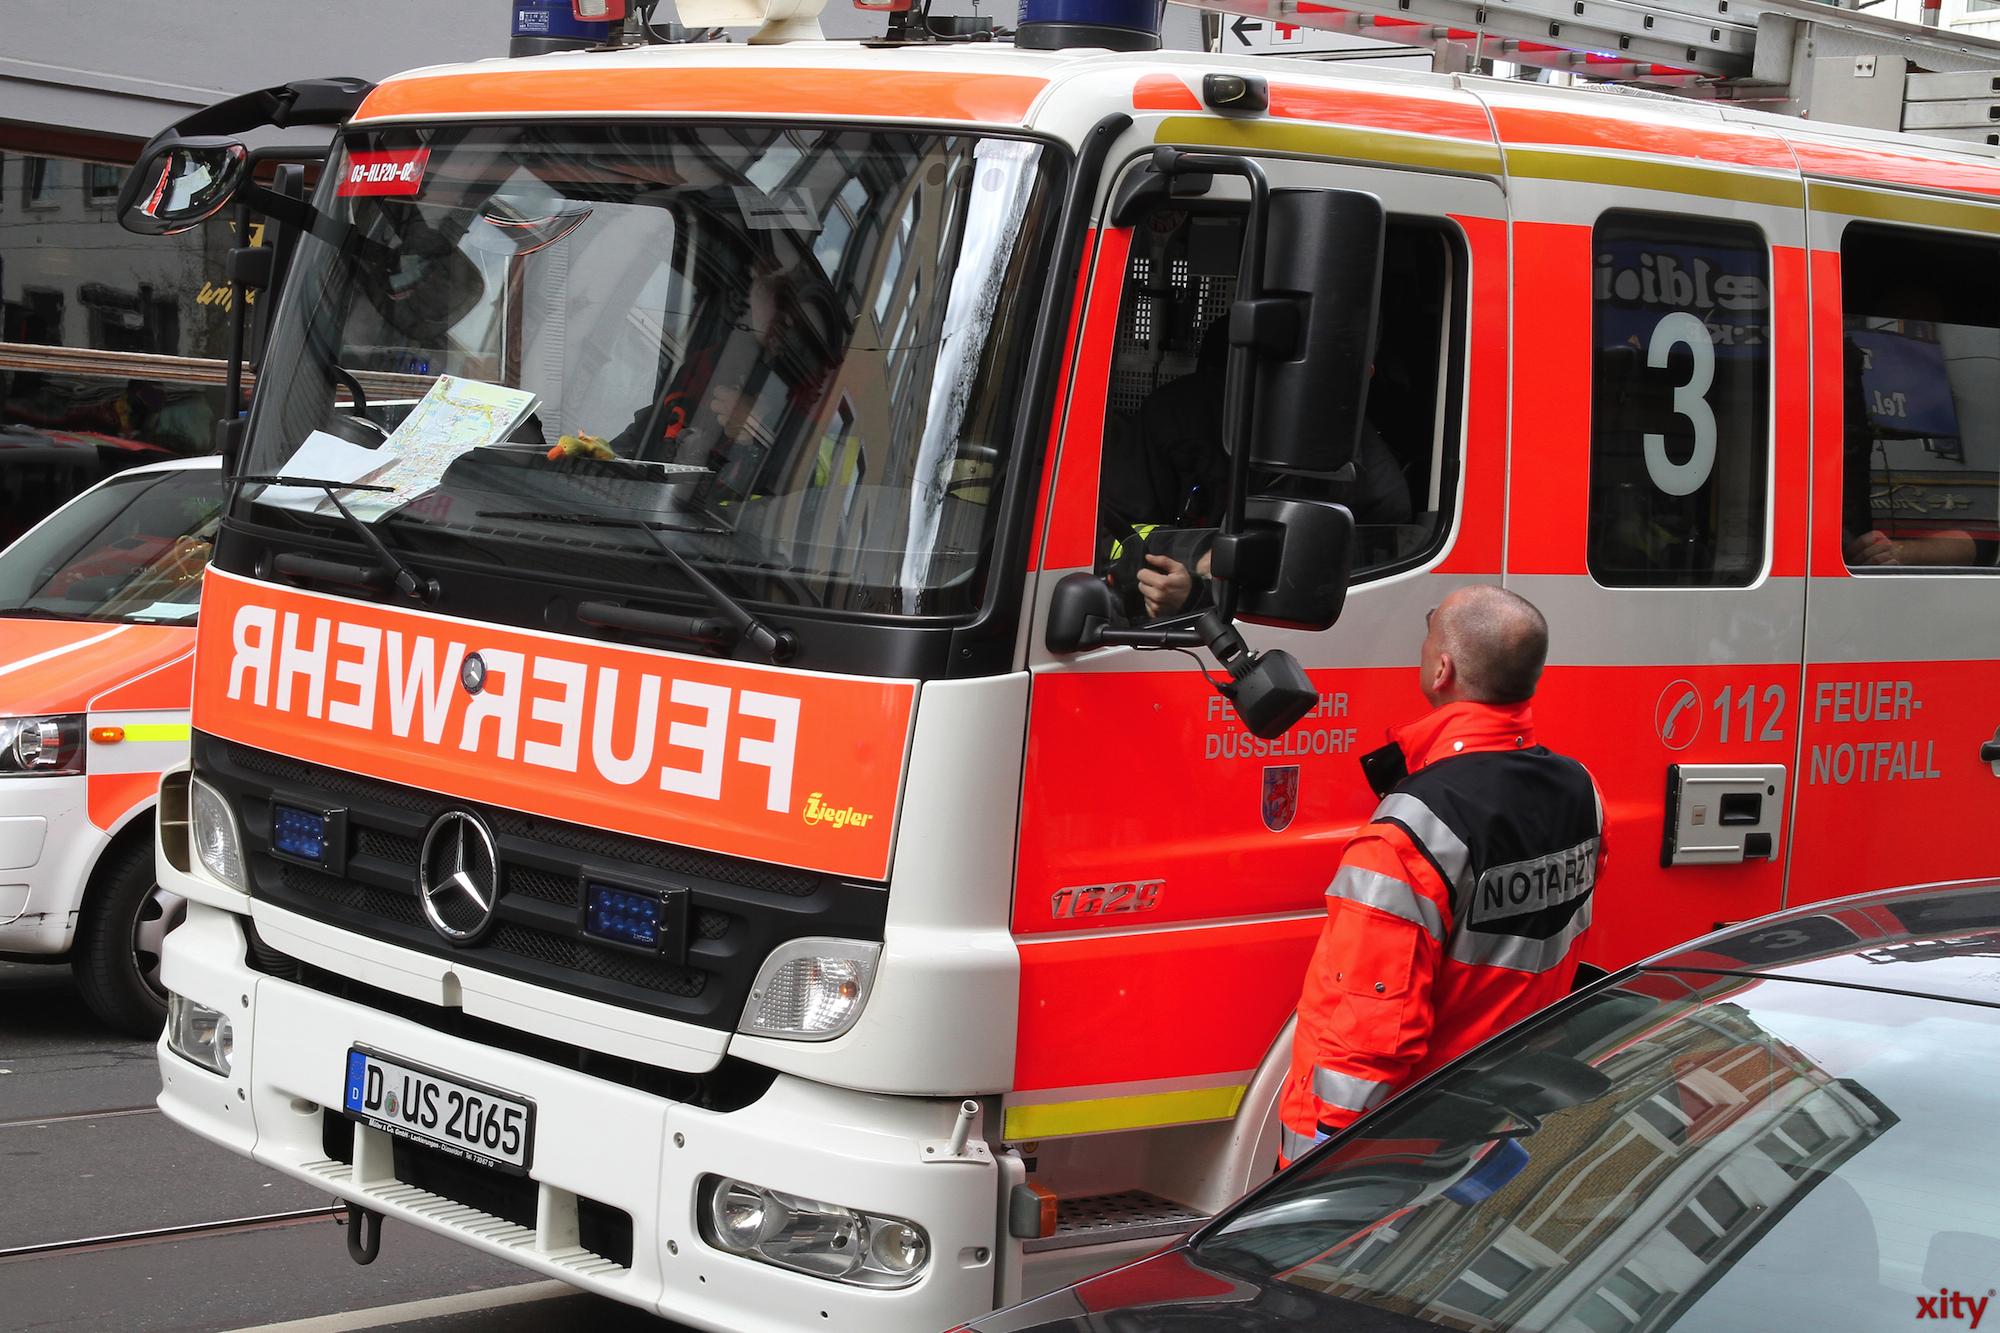 Feuerwehr löscht Küchenbrand in Verwaltungsgebäude auf der Münsterstraße (Foto: xity)